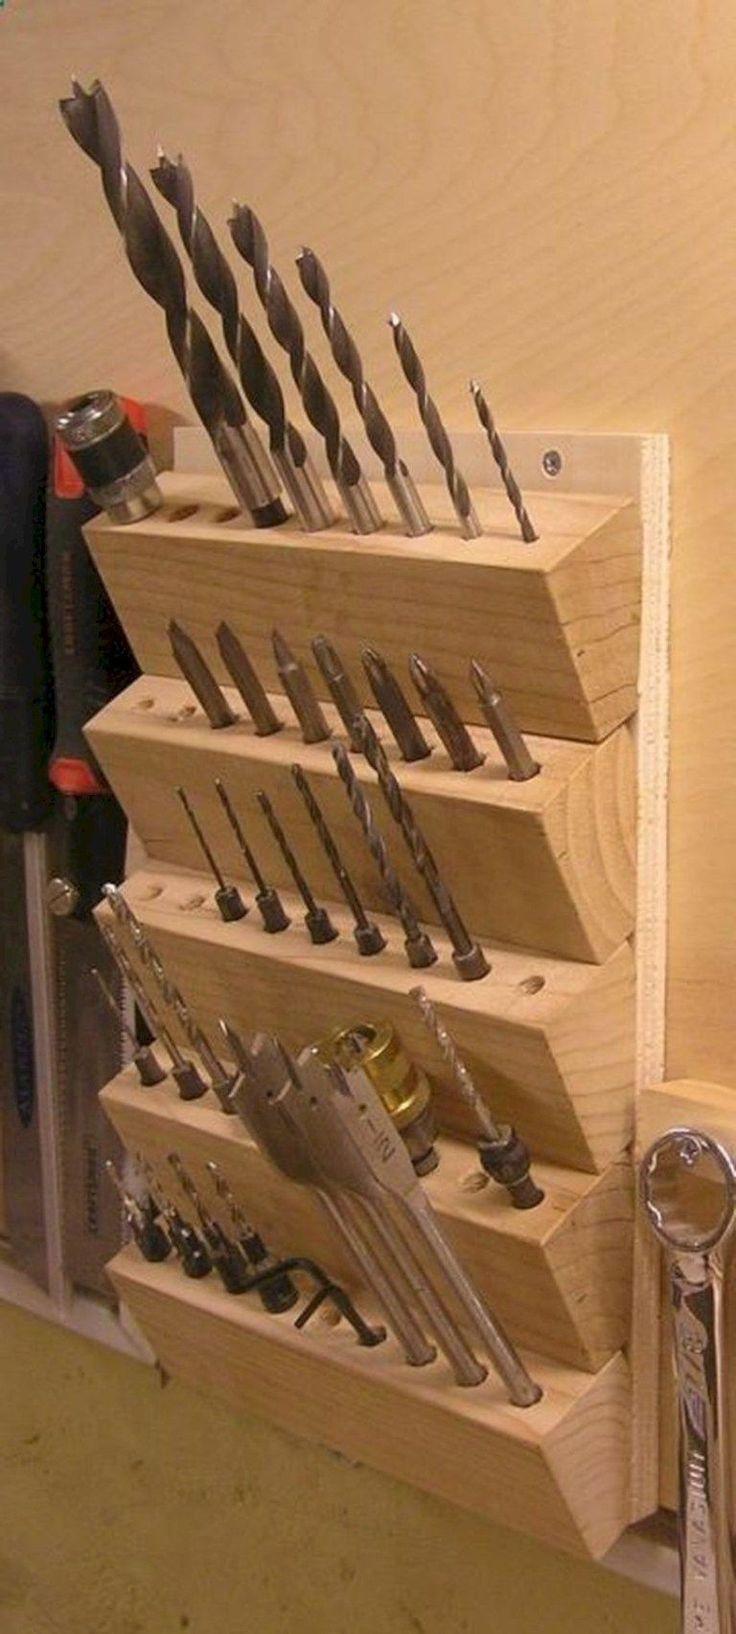 Erstaunliche Ideen zur Lagerung et Organisation von Garagen 01 #erstaunliche # … – Wood Design